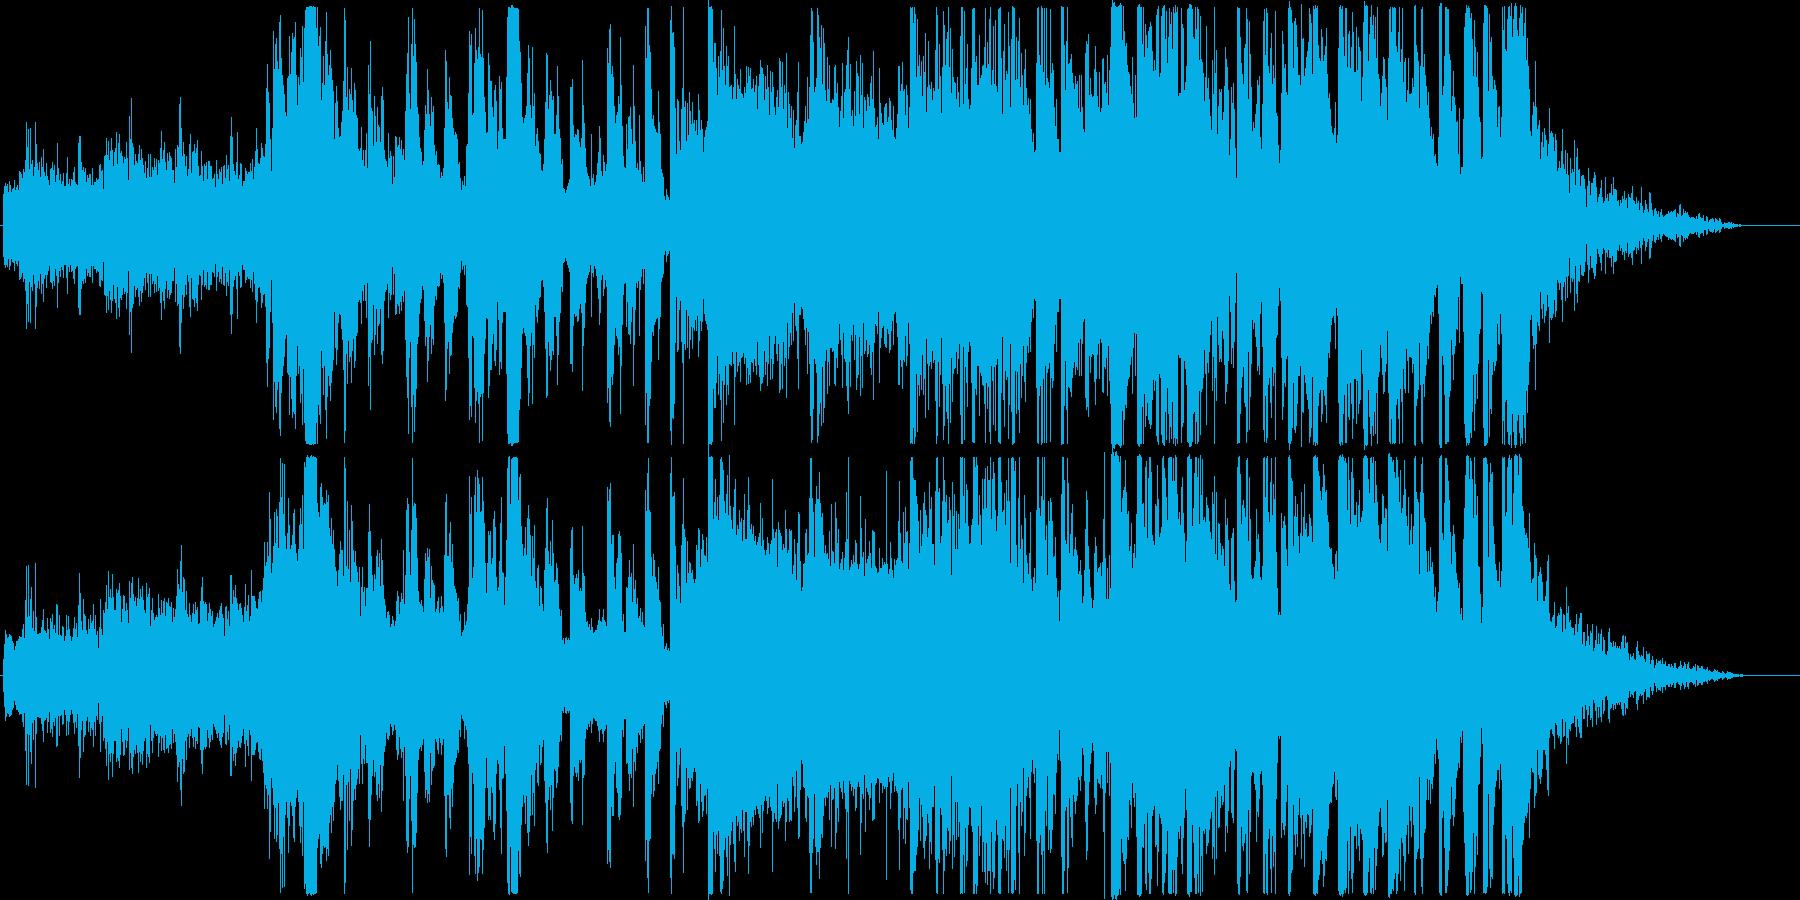 ハロウィンなブラックダンス曲の再生済みの波形